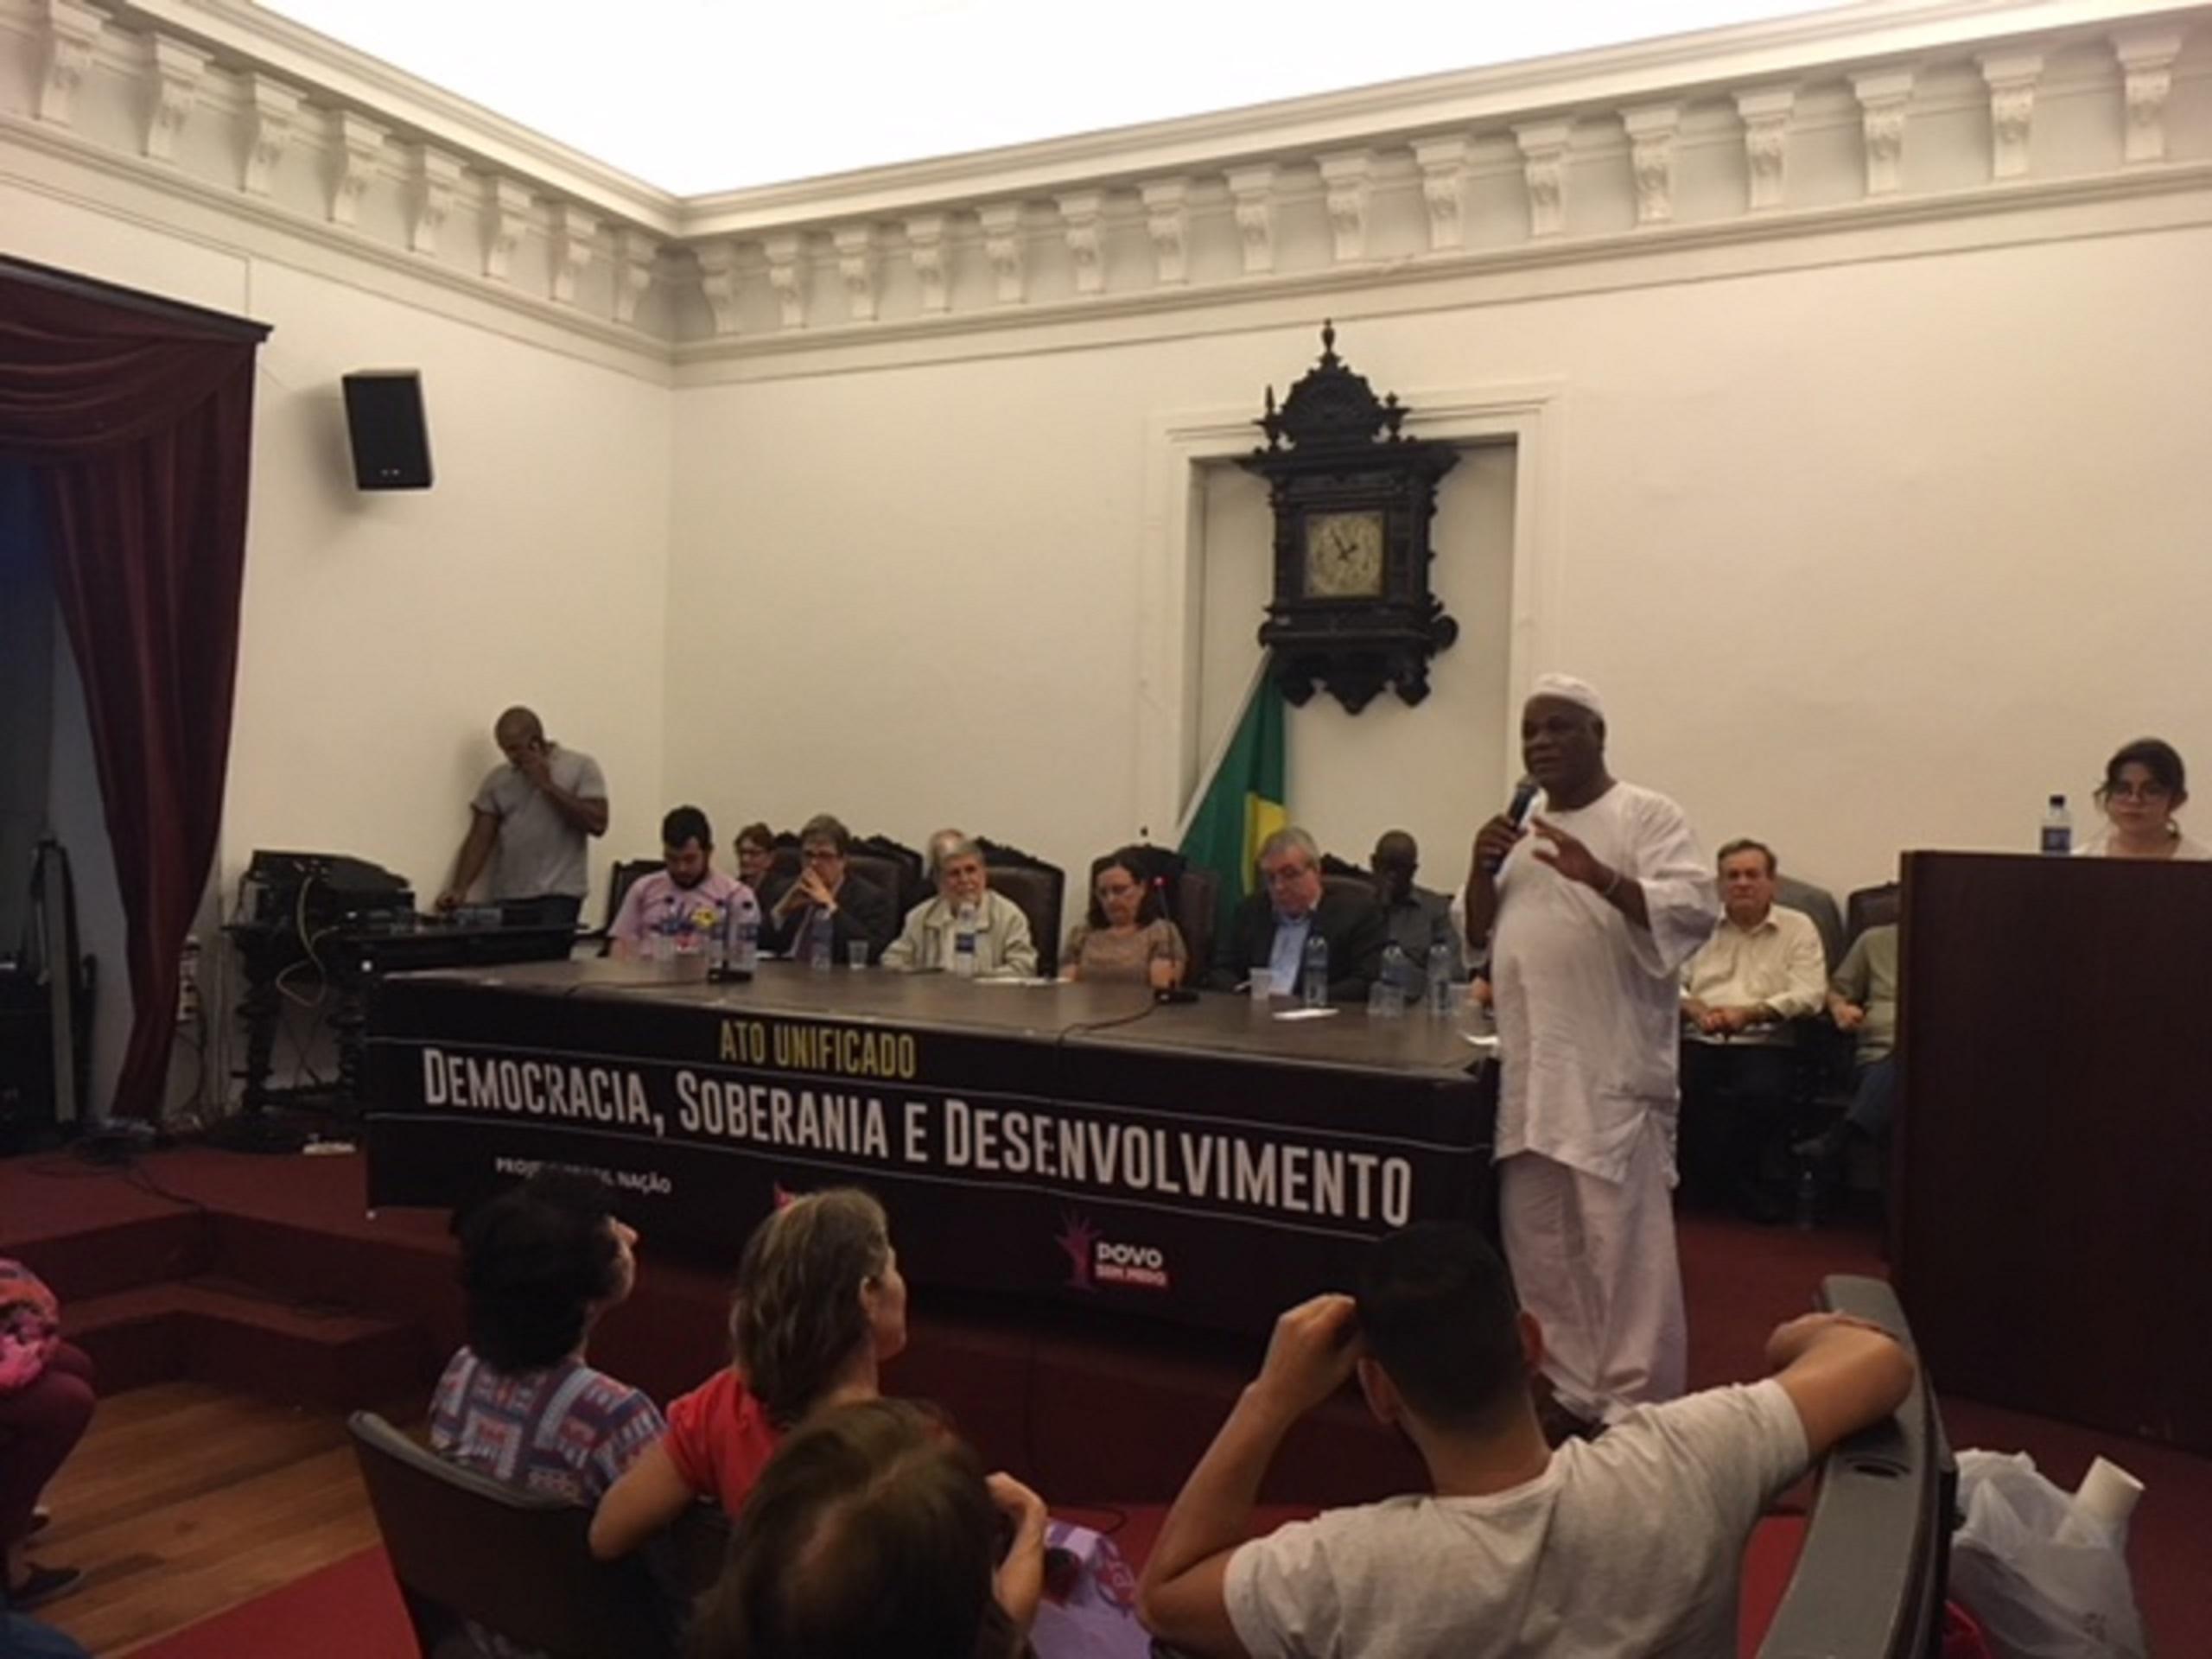 Ivanir dos Santos em atividade em prol das religiões de matriz africana